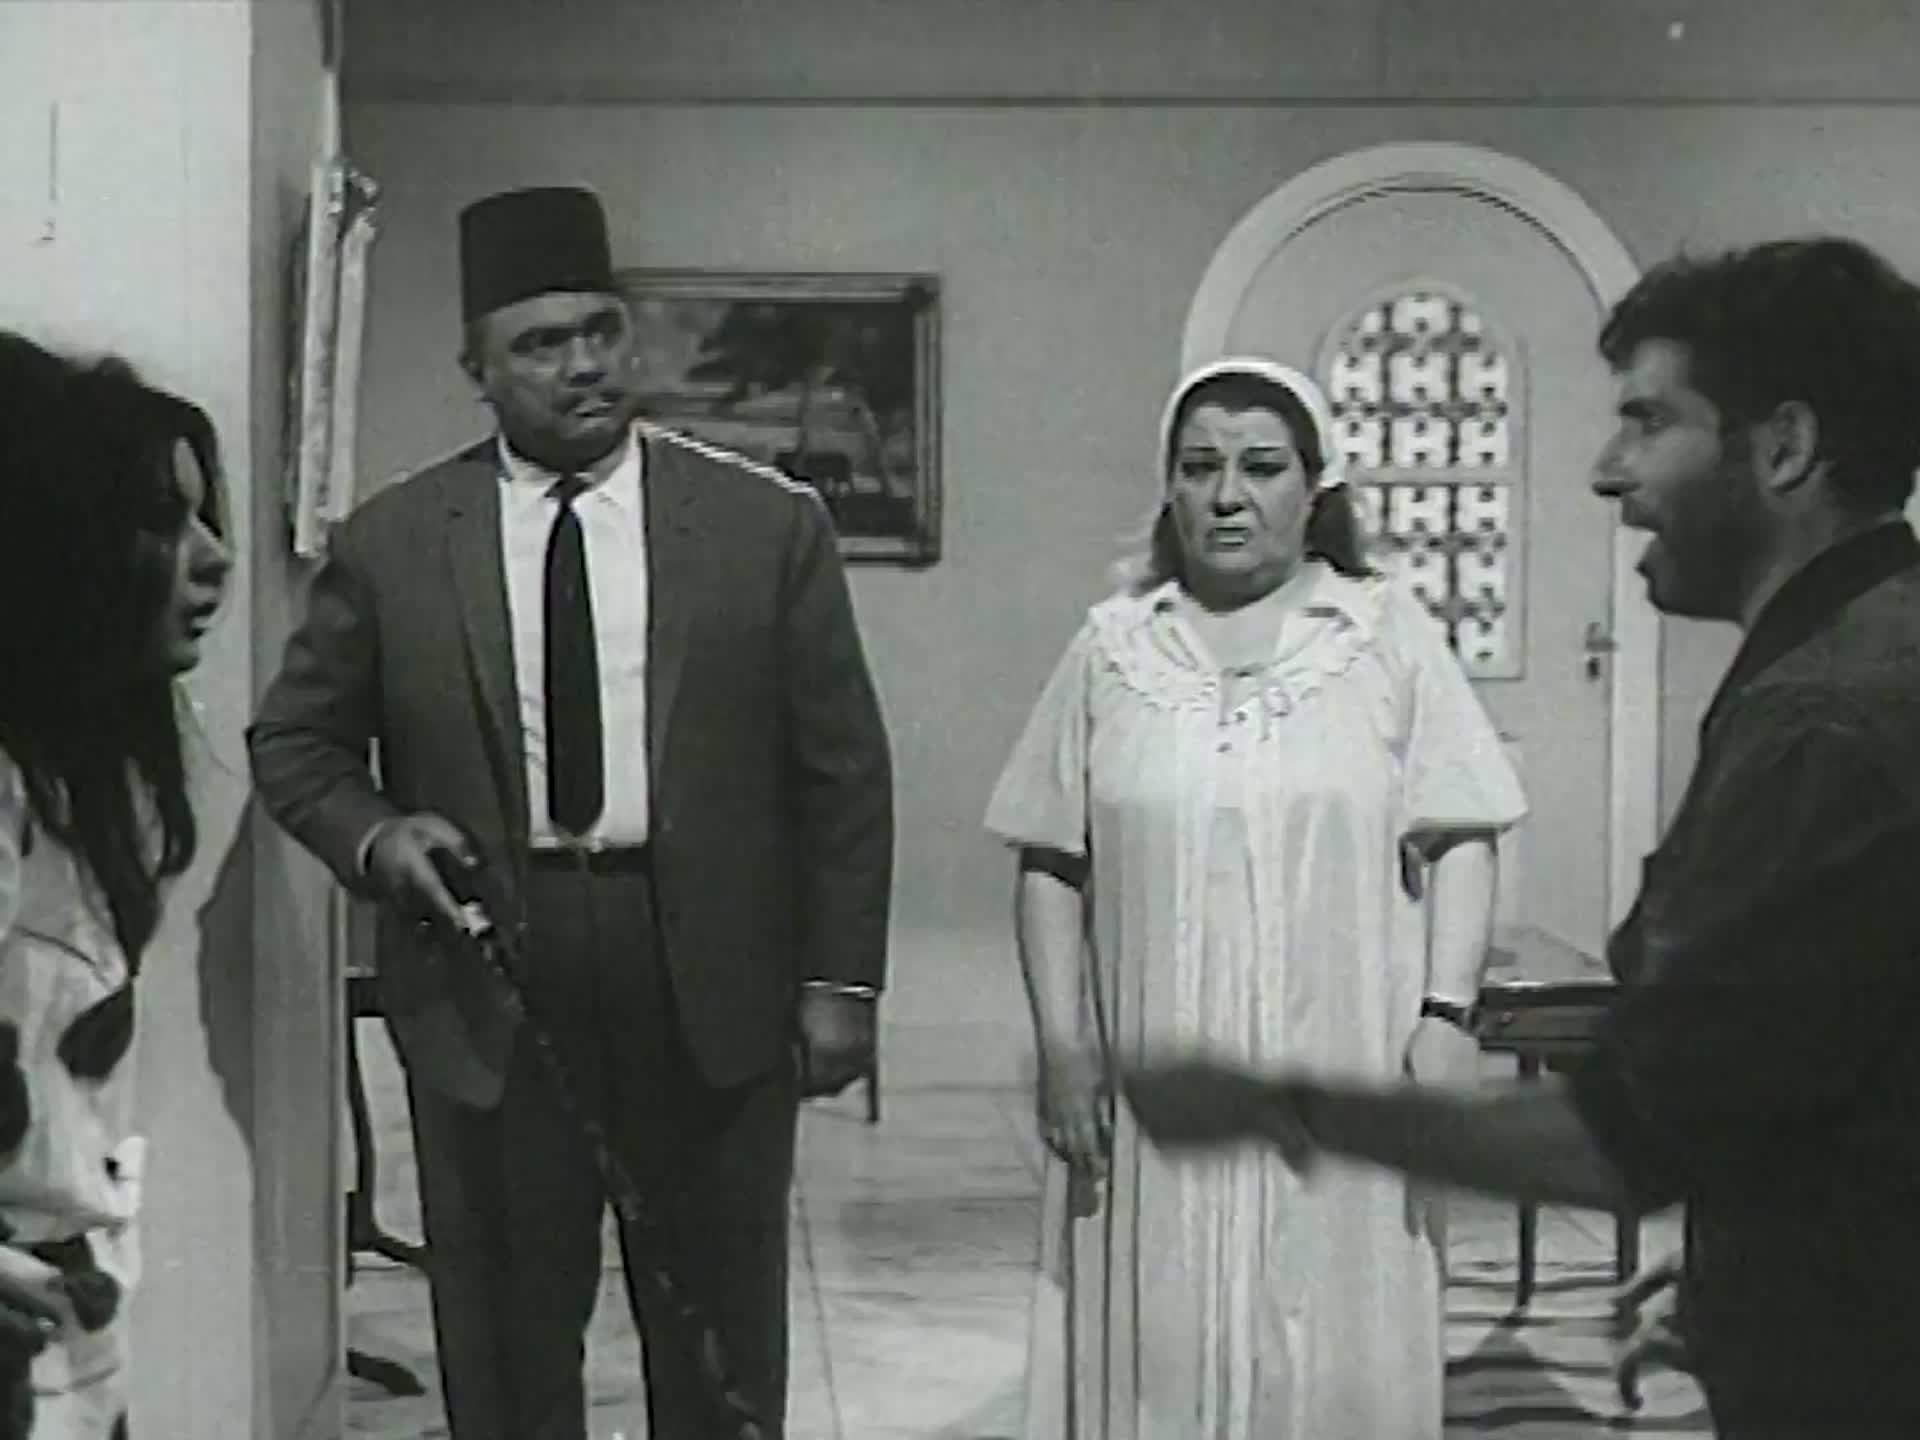 [فيلم][تورنت][تحميل][حواء والقرد][1968][1080p][Web-DL] 4 arabp2p.com